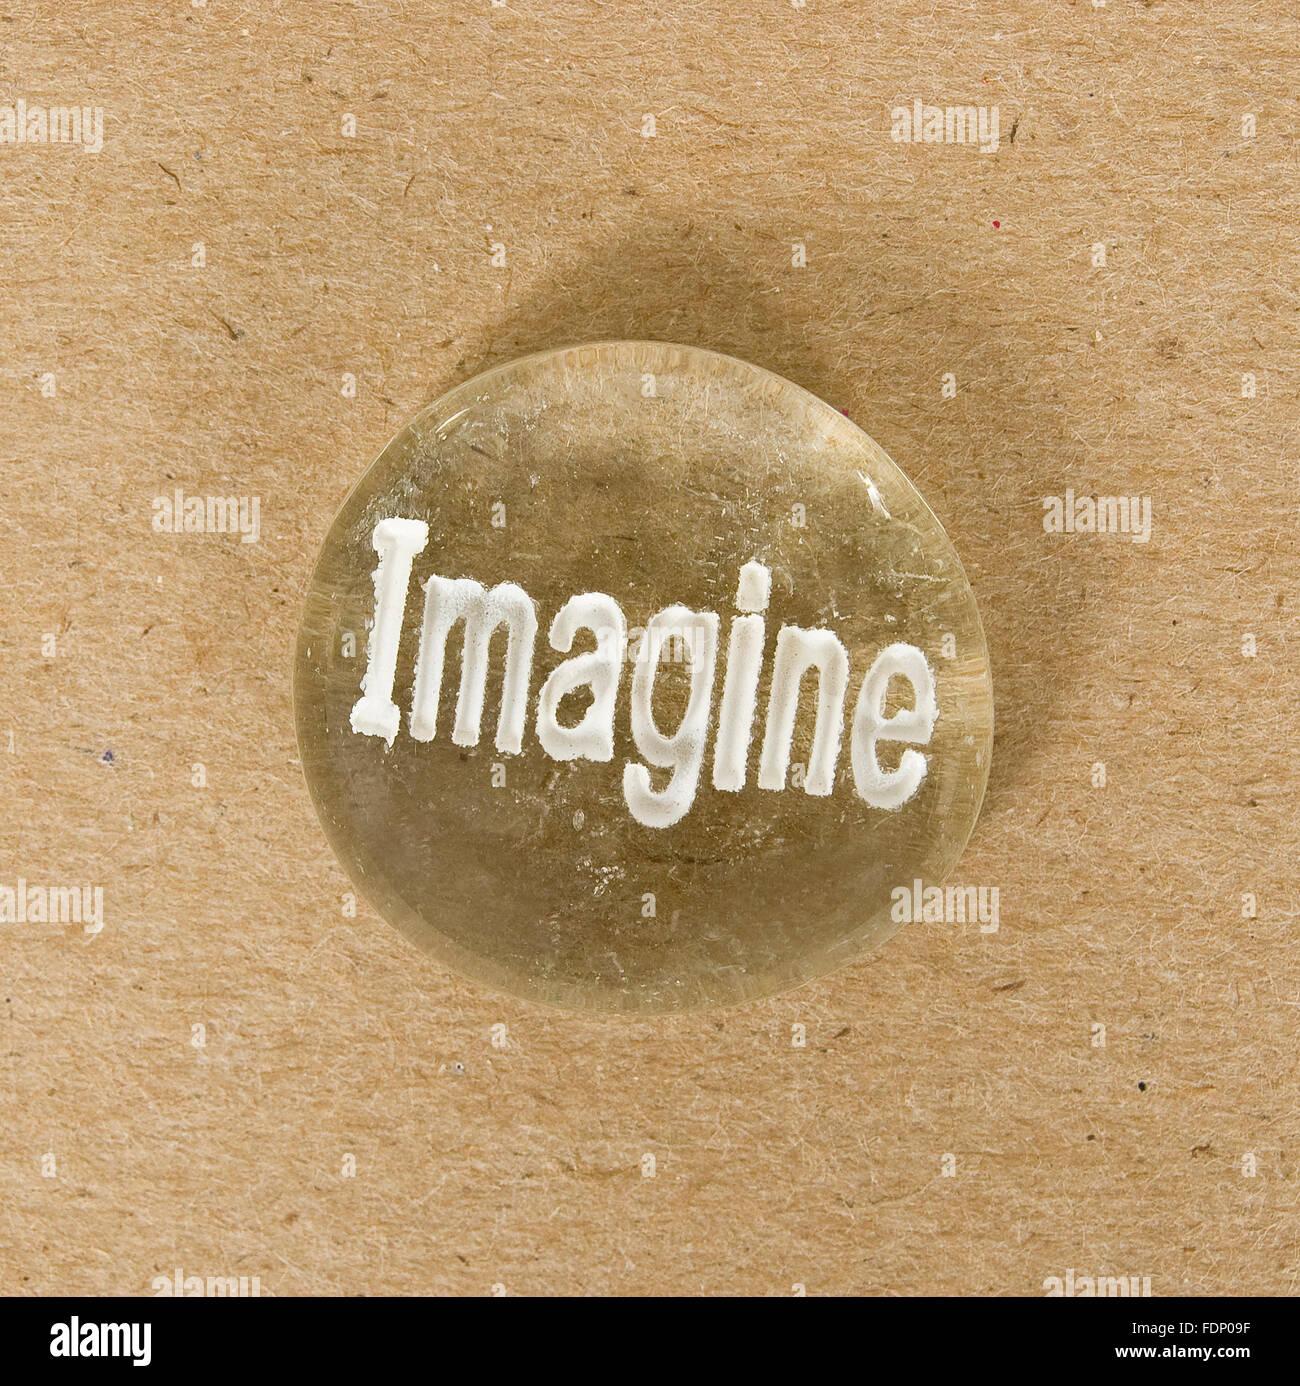 Imagine Stone - Stock Image